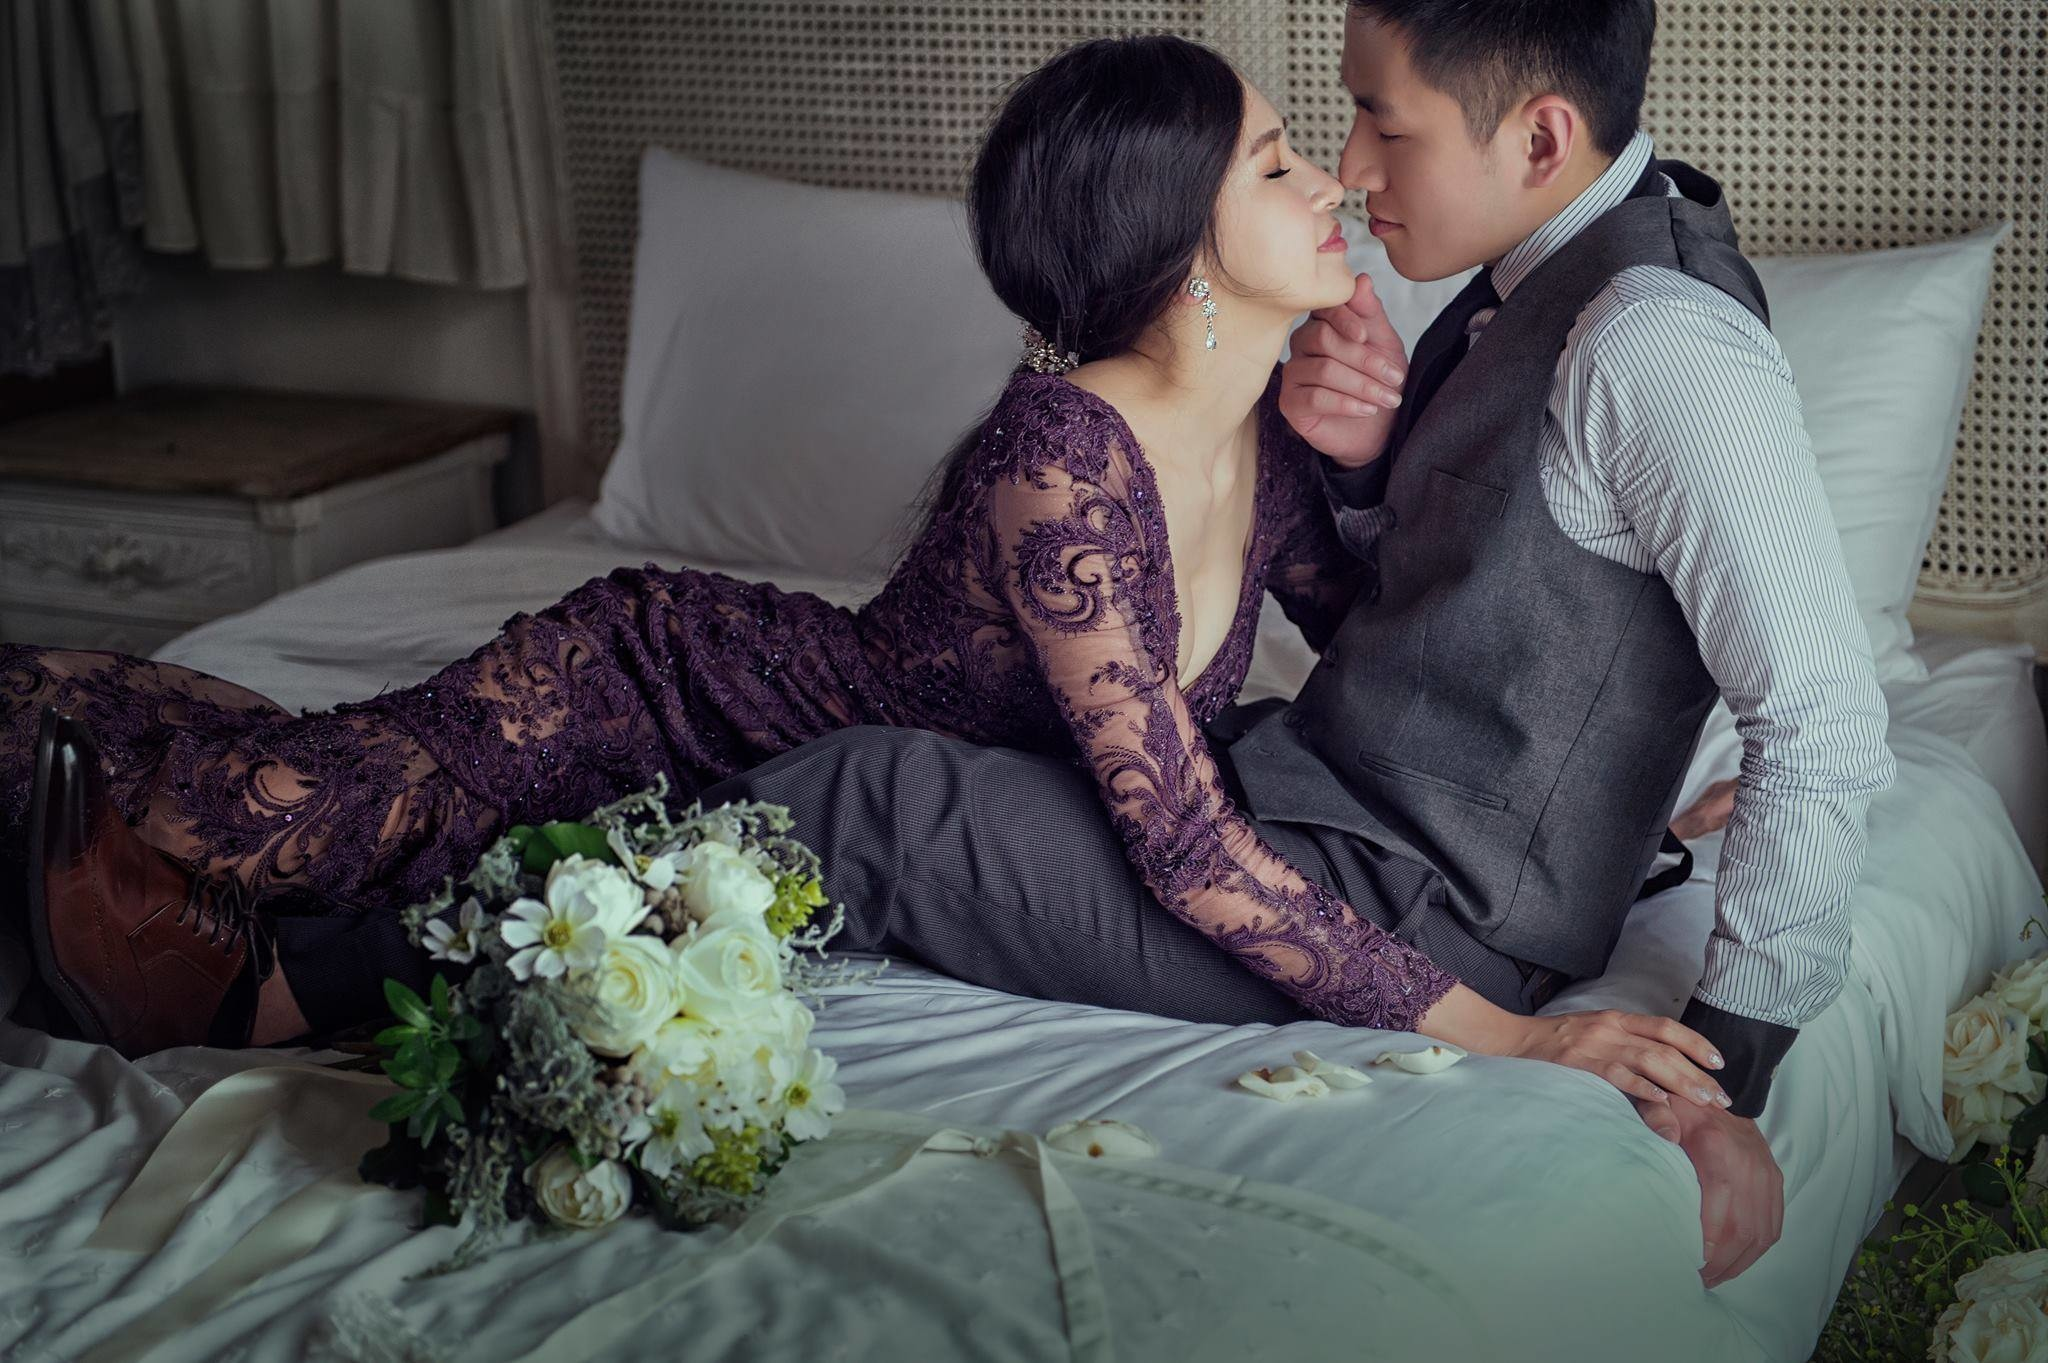 賽西亞手工婚紗:「喜歡設計出怦然心動的婚紗」